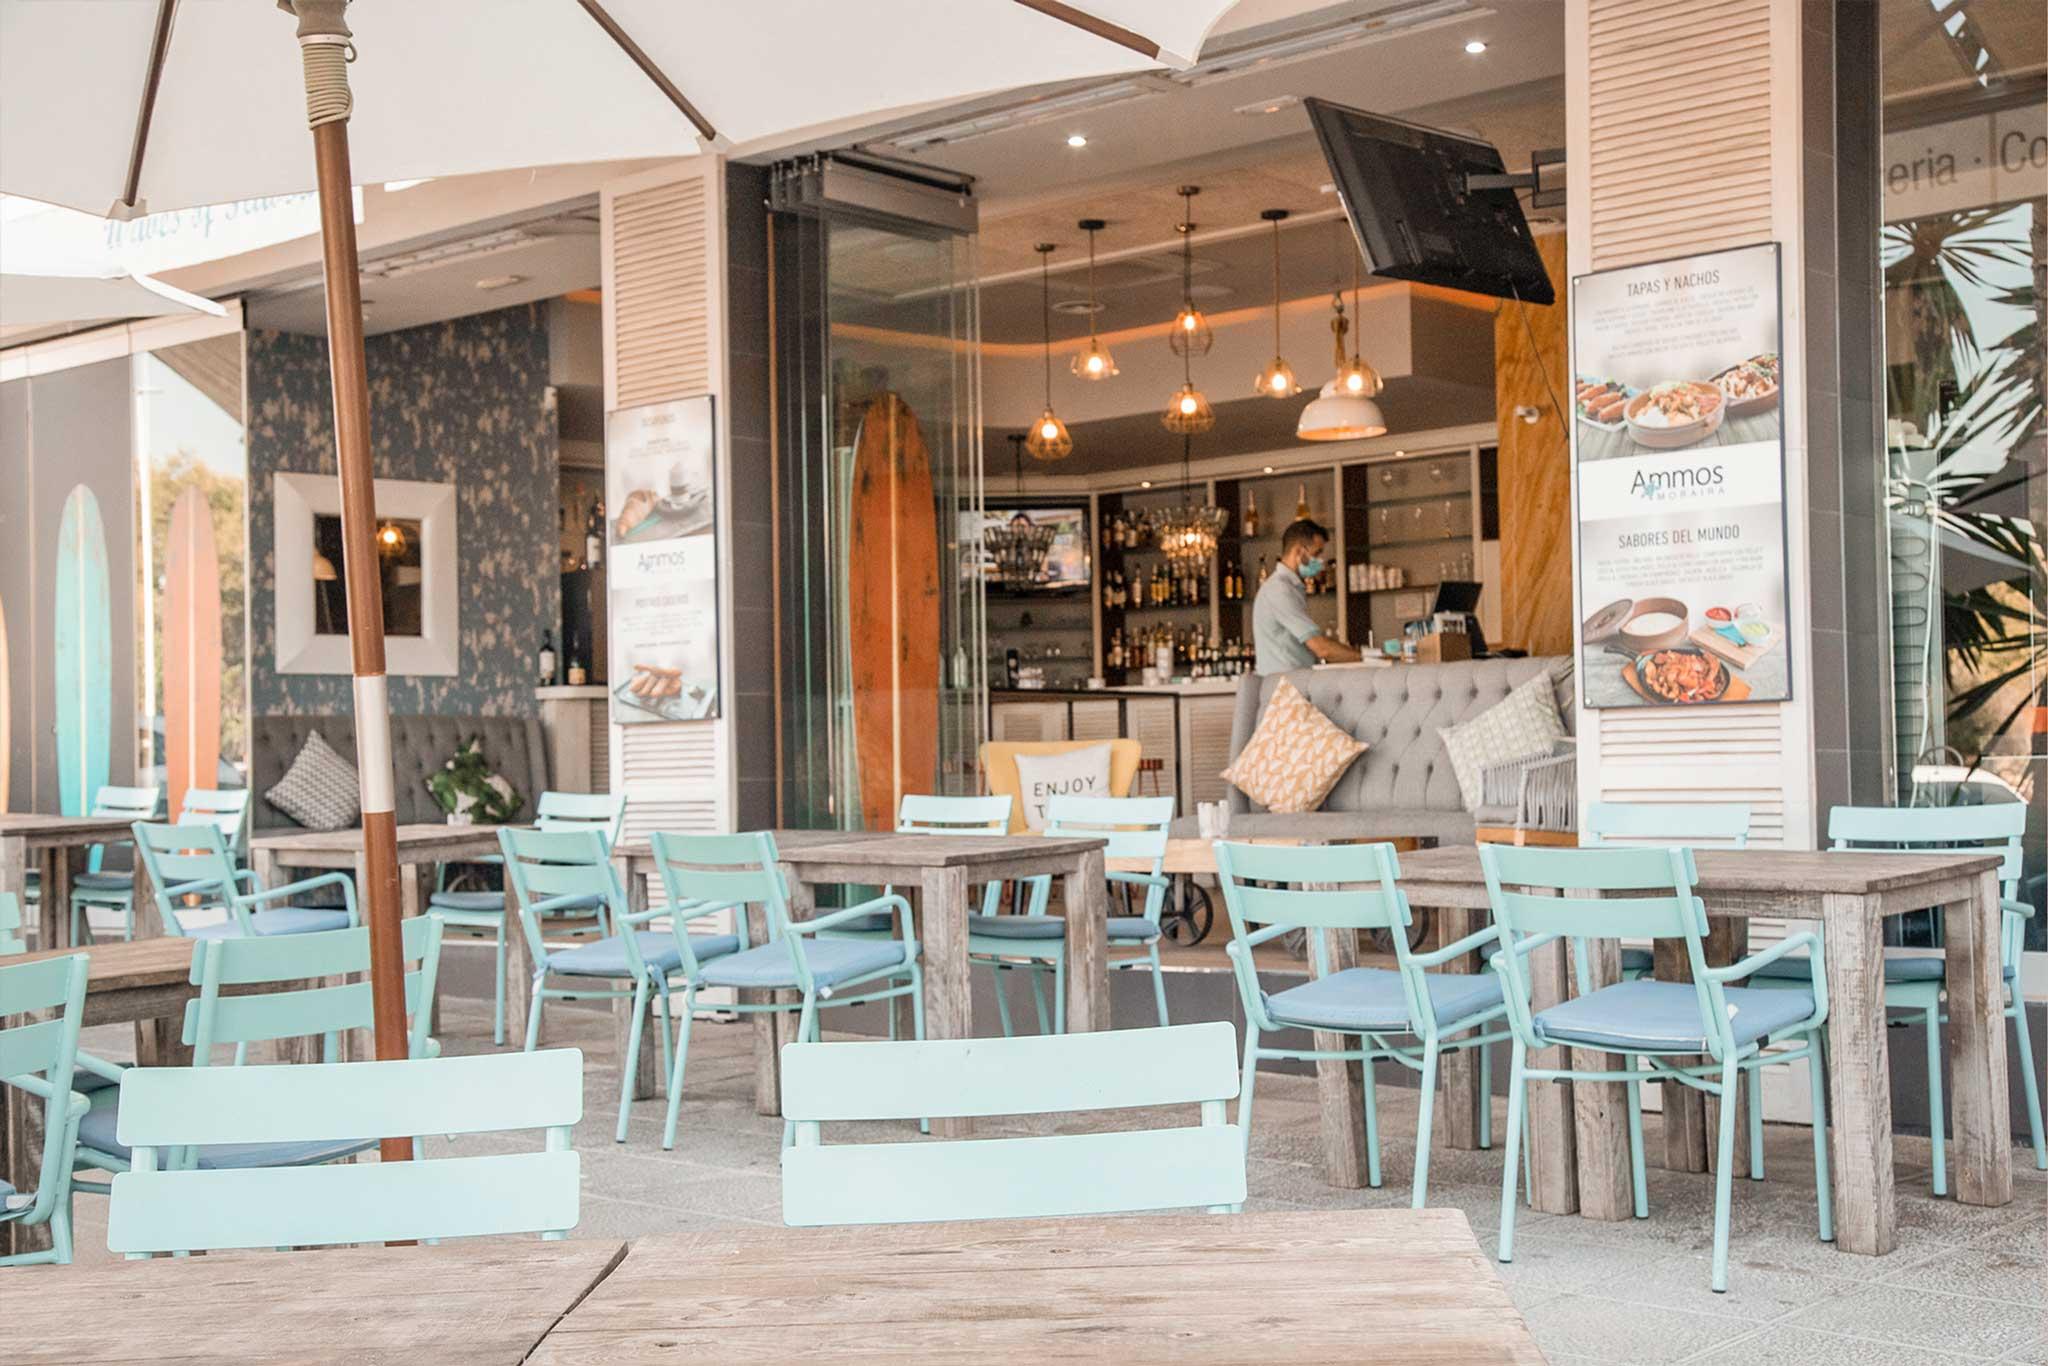 El mejor restaurante de Moraira – Restaurante Ammos